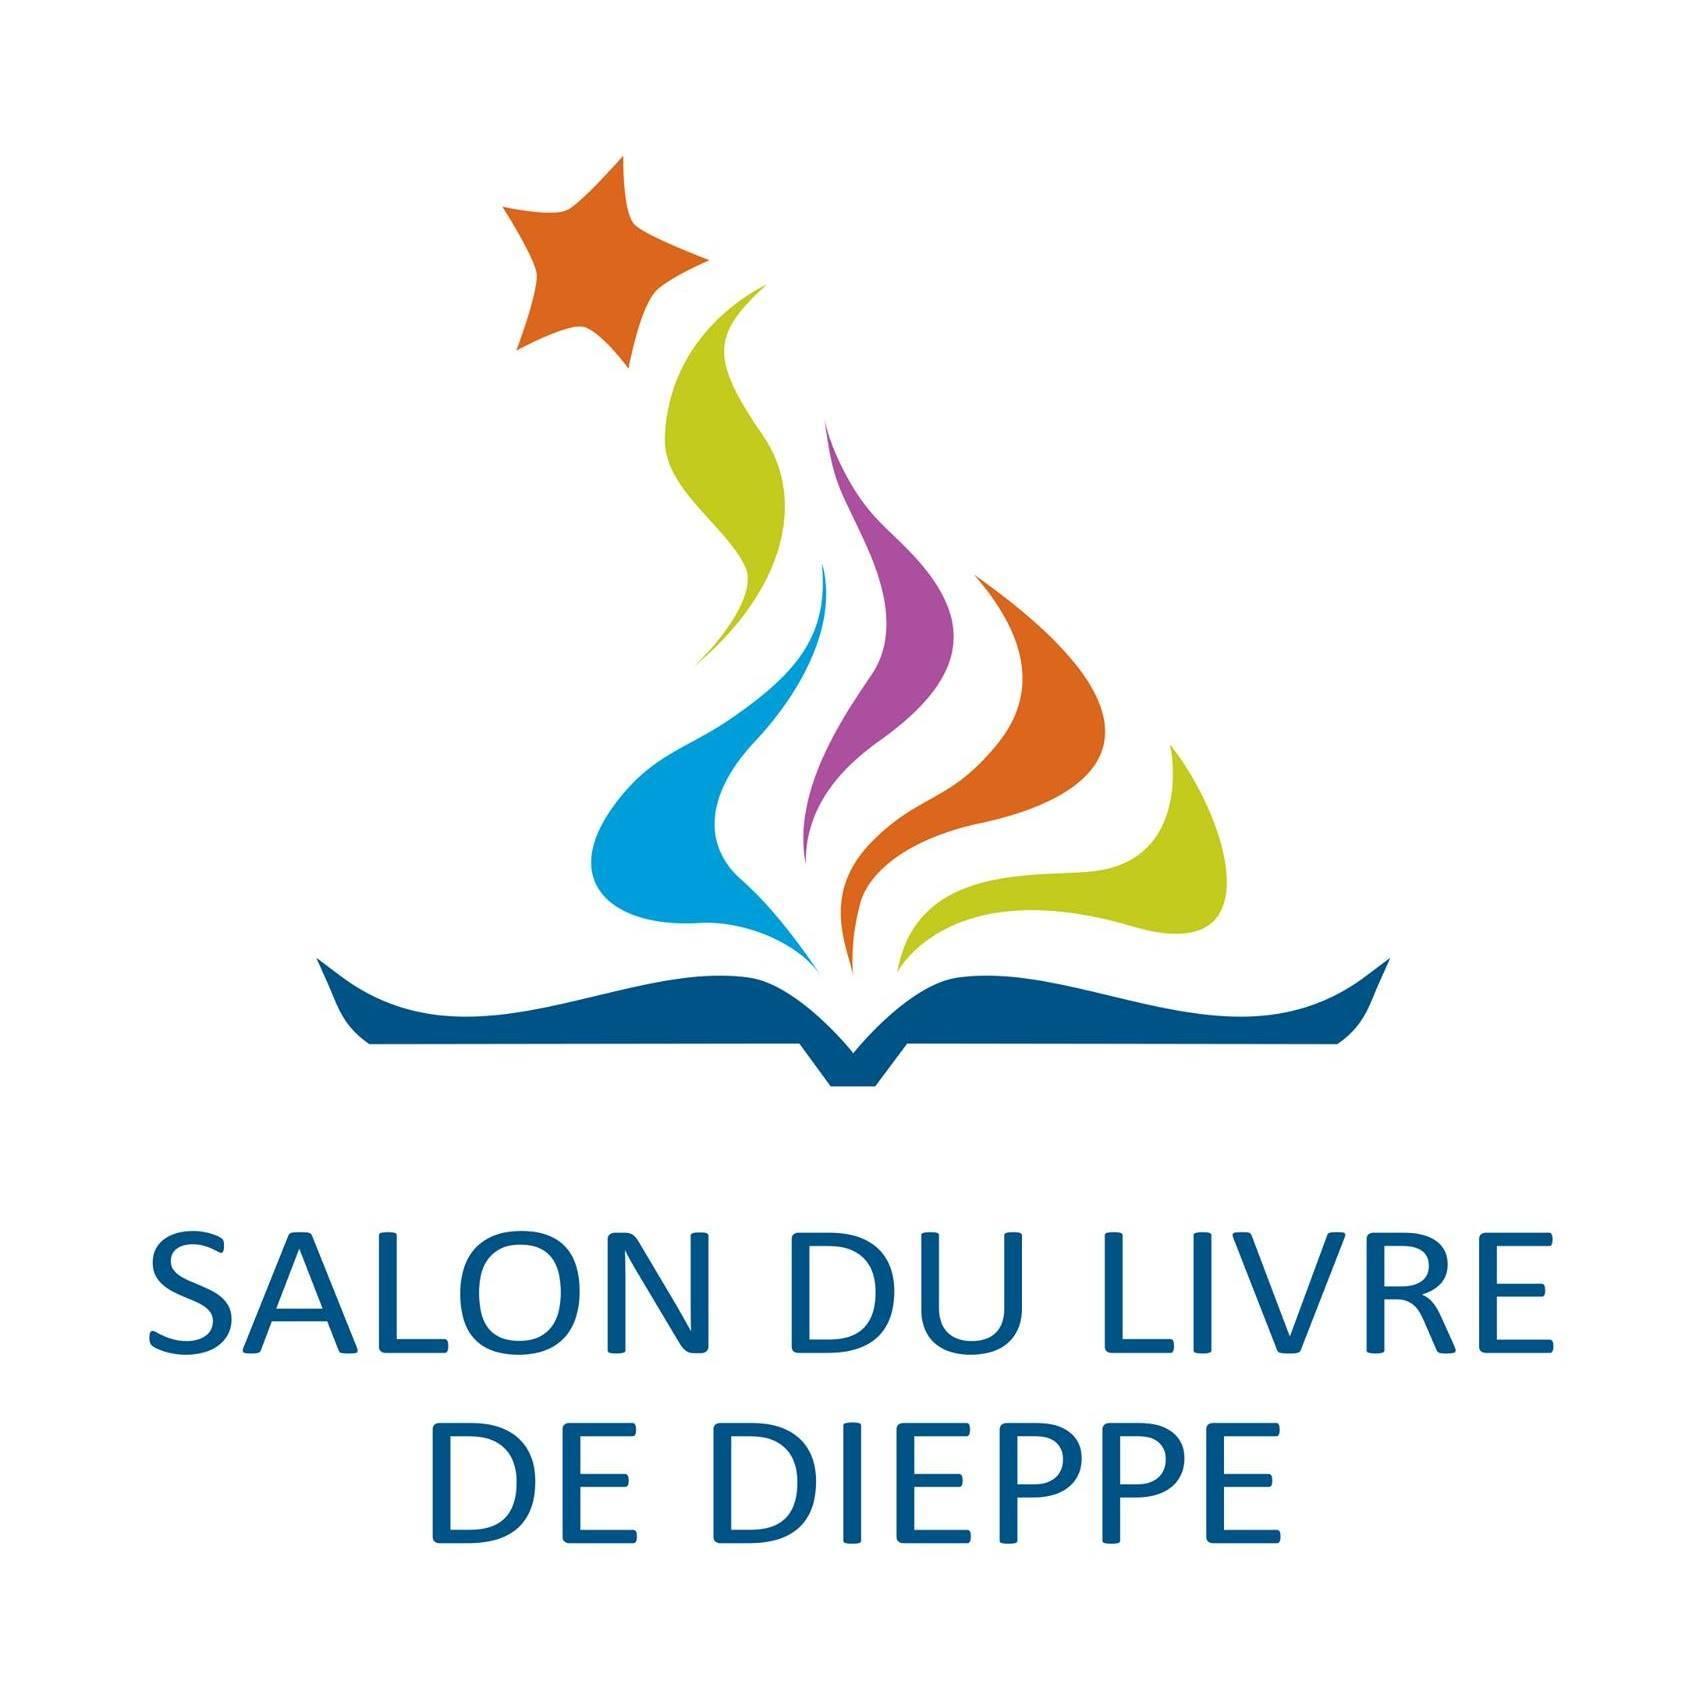 Salon du livre de Dieppe Image